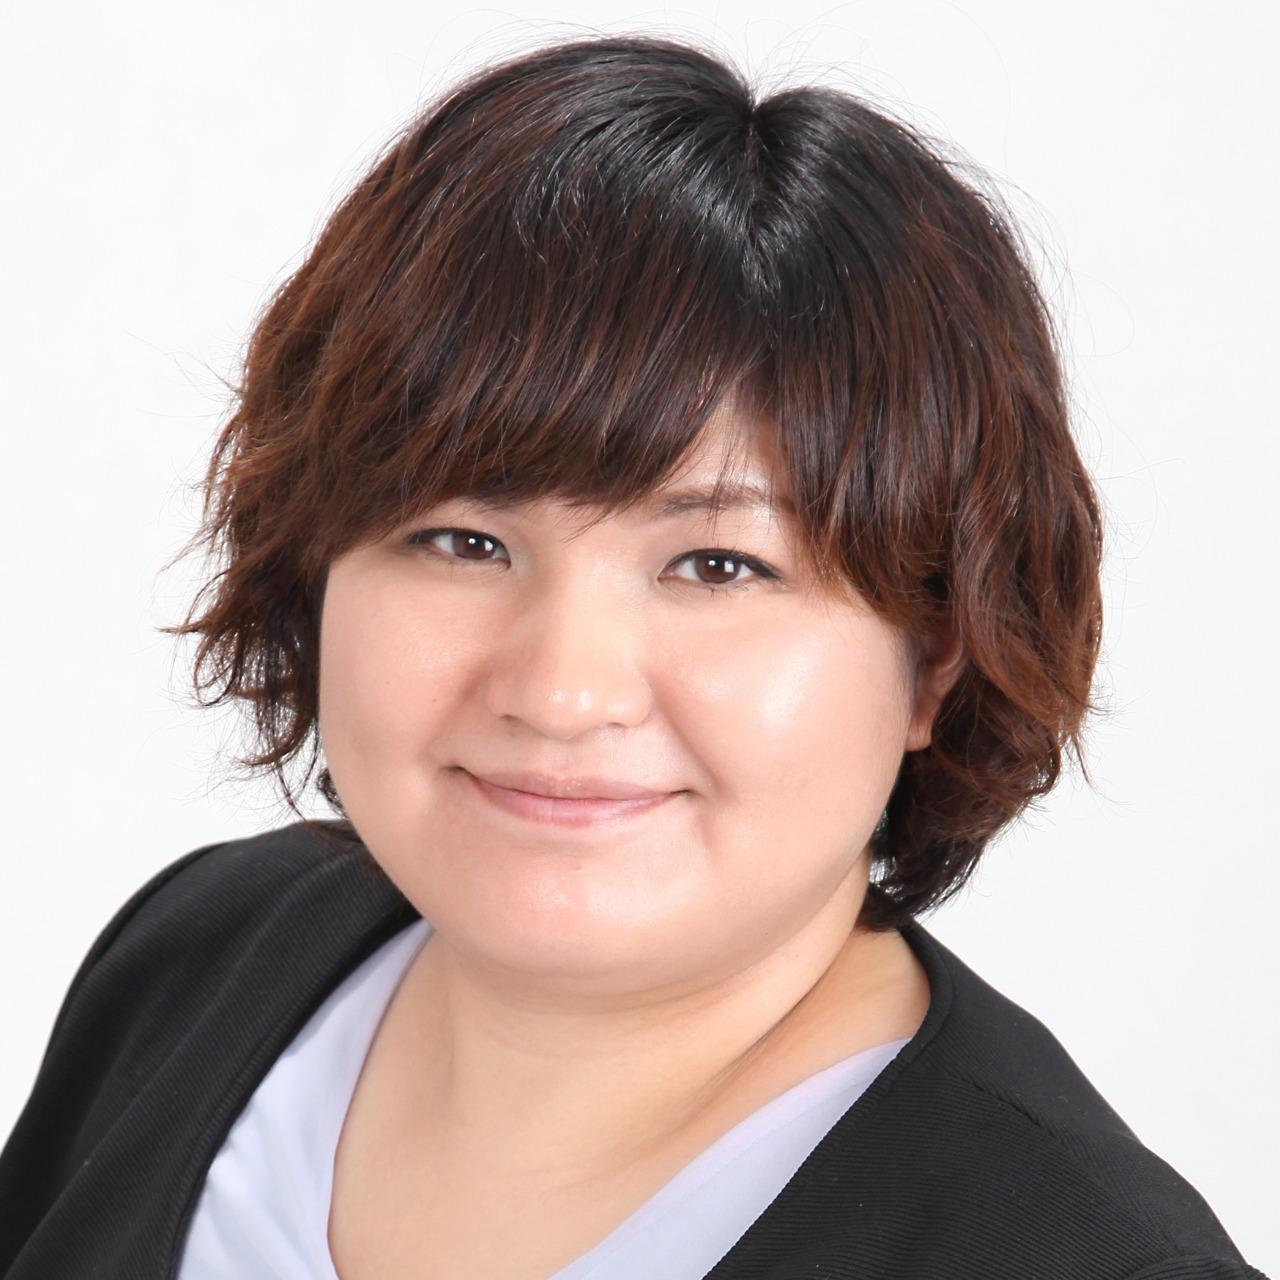 東京渋谷で当たる占い師をお探しなら婚活もできる占い館BCAFE(ビーカフェ)渋谷店の『マルマーレ桃妃(ももひ)先生』がオススメです!